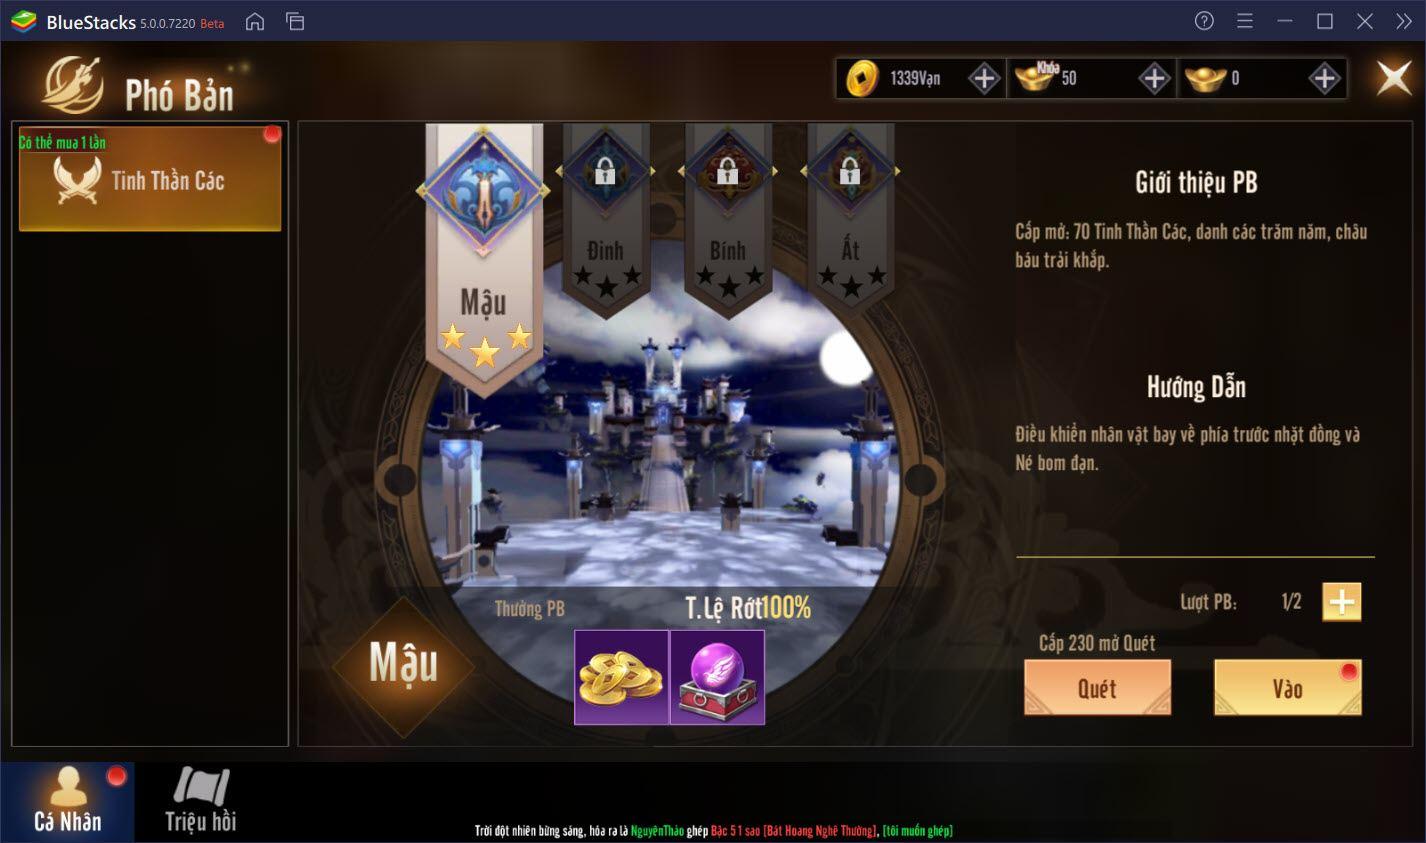 Cùng chơi Tuyệt Thế Chiến Hồn trên PC với BlueStacks